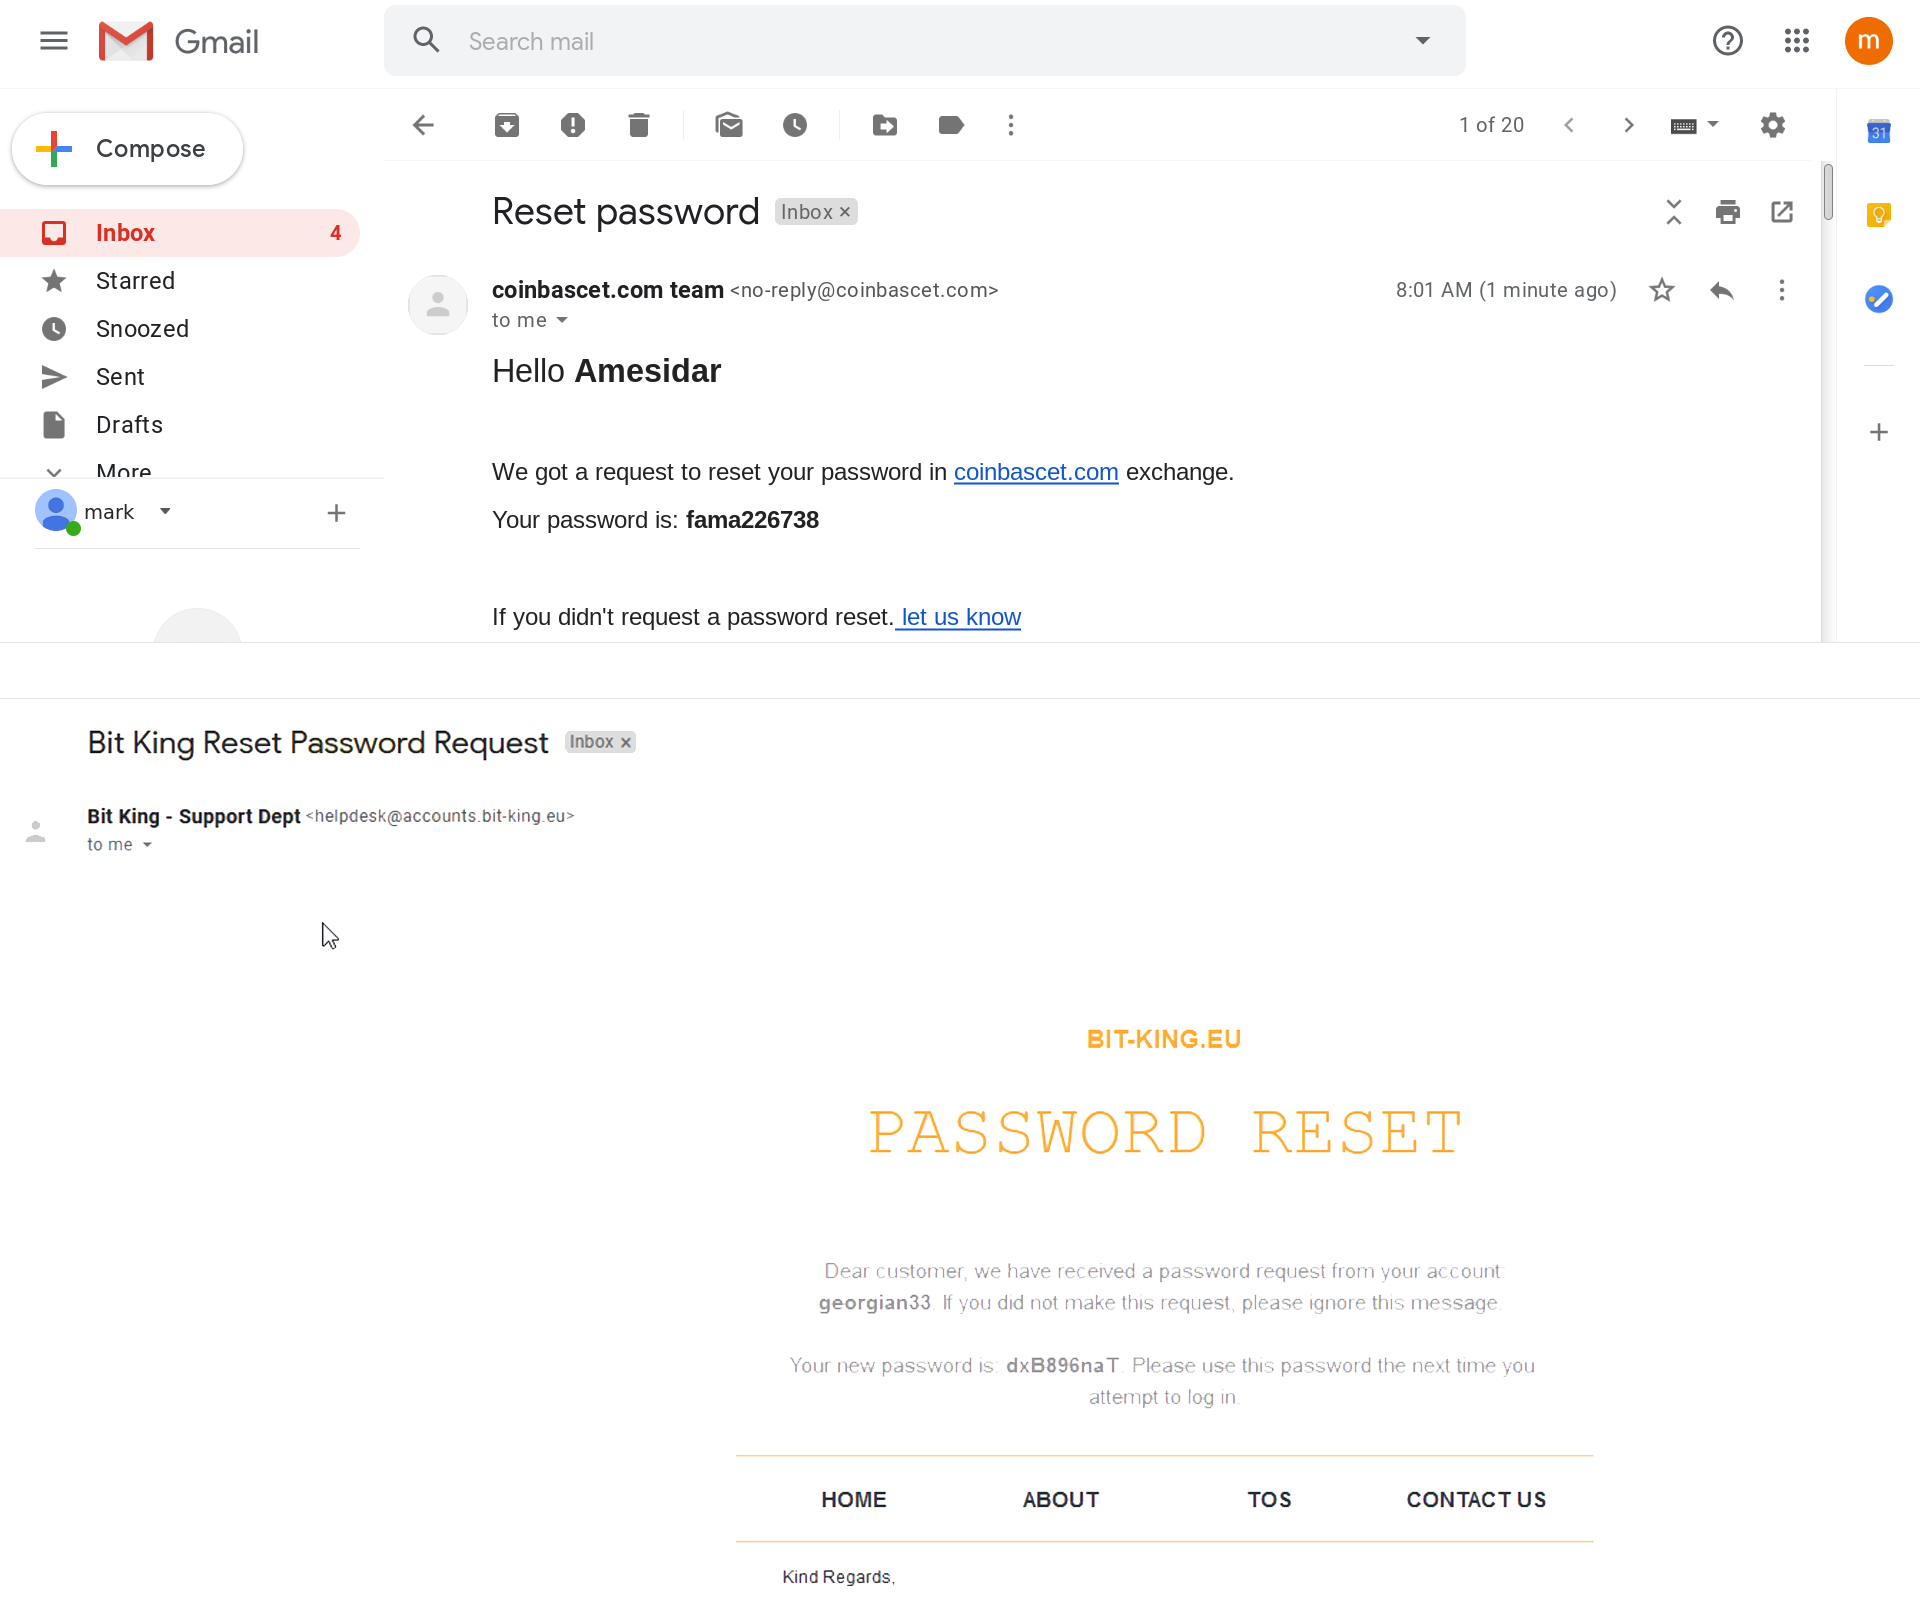 Фальшивые письма о сбросе пароля для аккаунта на не менее фальшивых криптовалютных биржах